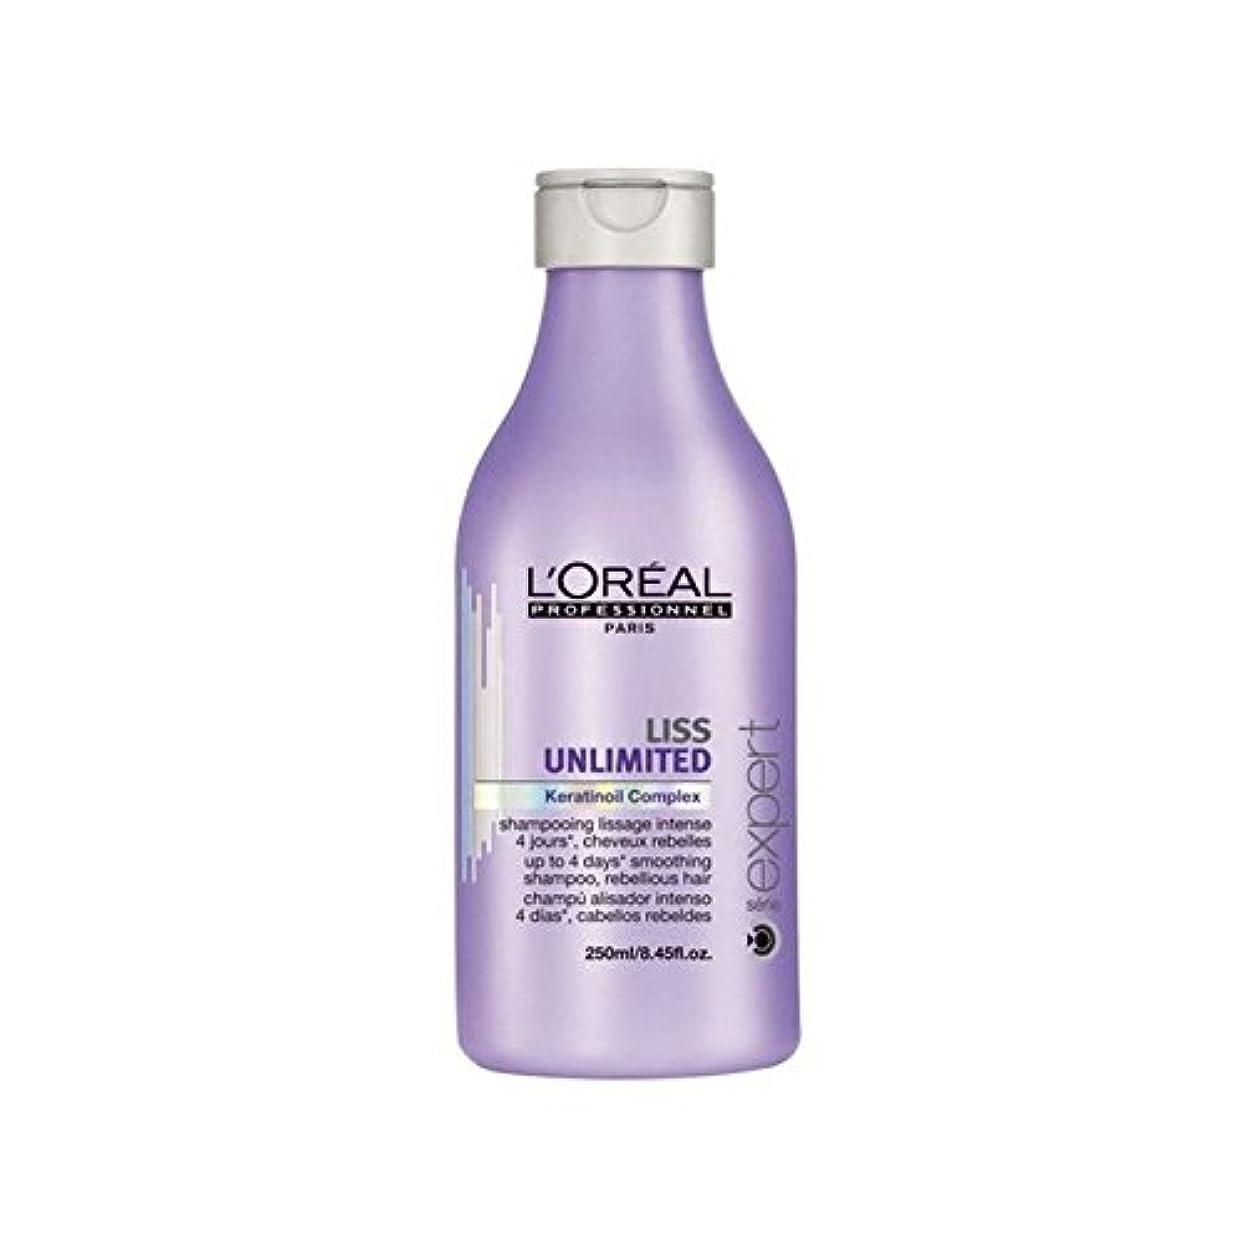 理論援助そのロレアルプロフェッショナルセリエ専門家無制限のシャンプー(250ミリリットル) x4 - L'Oreal Professionnel Serie Expert Liss Unlimited Shampoo (250ml) (Pack of 4) [並行輸入品]